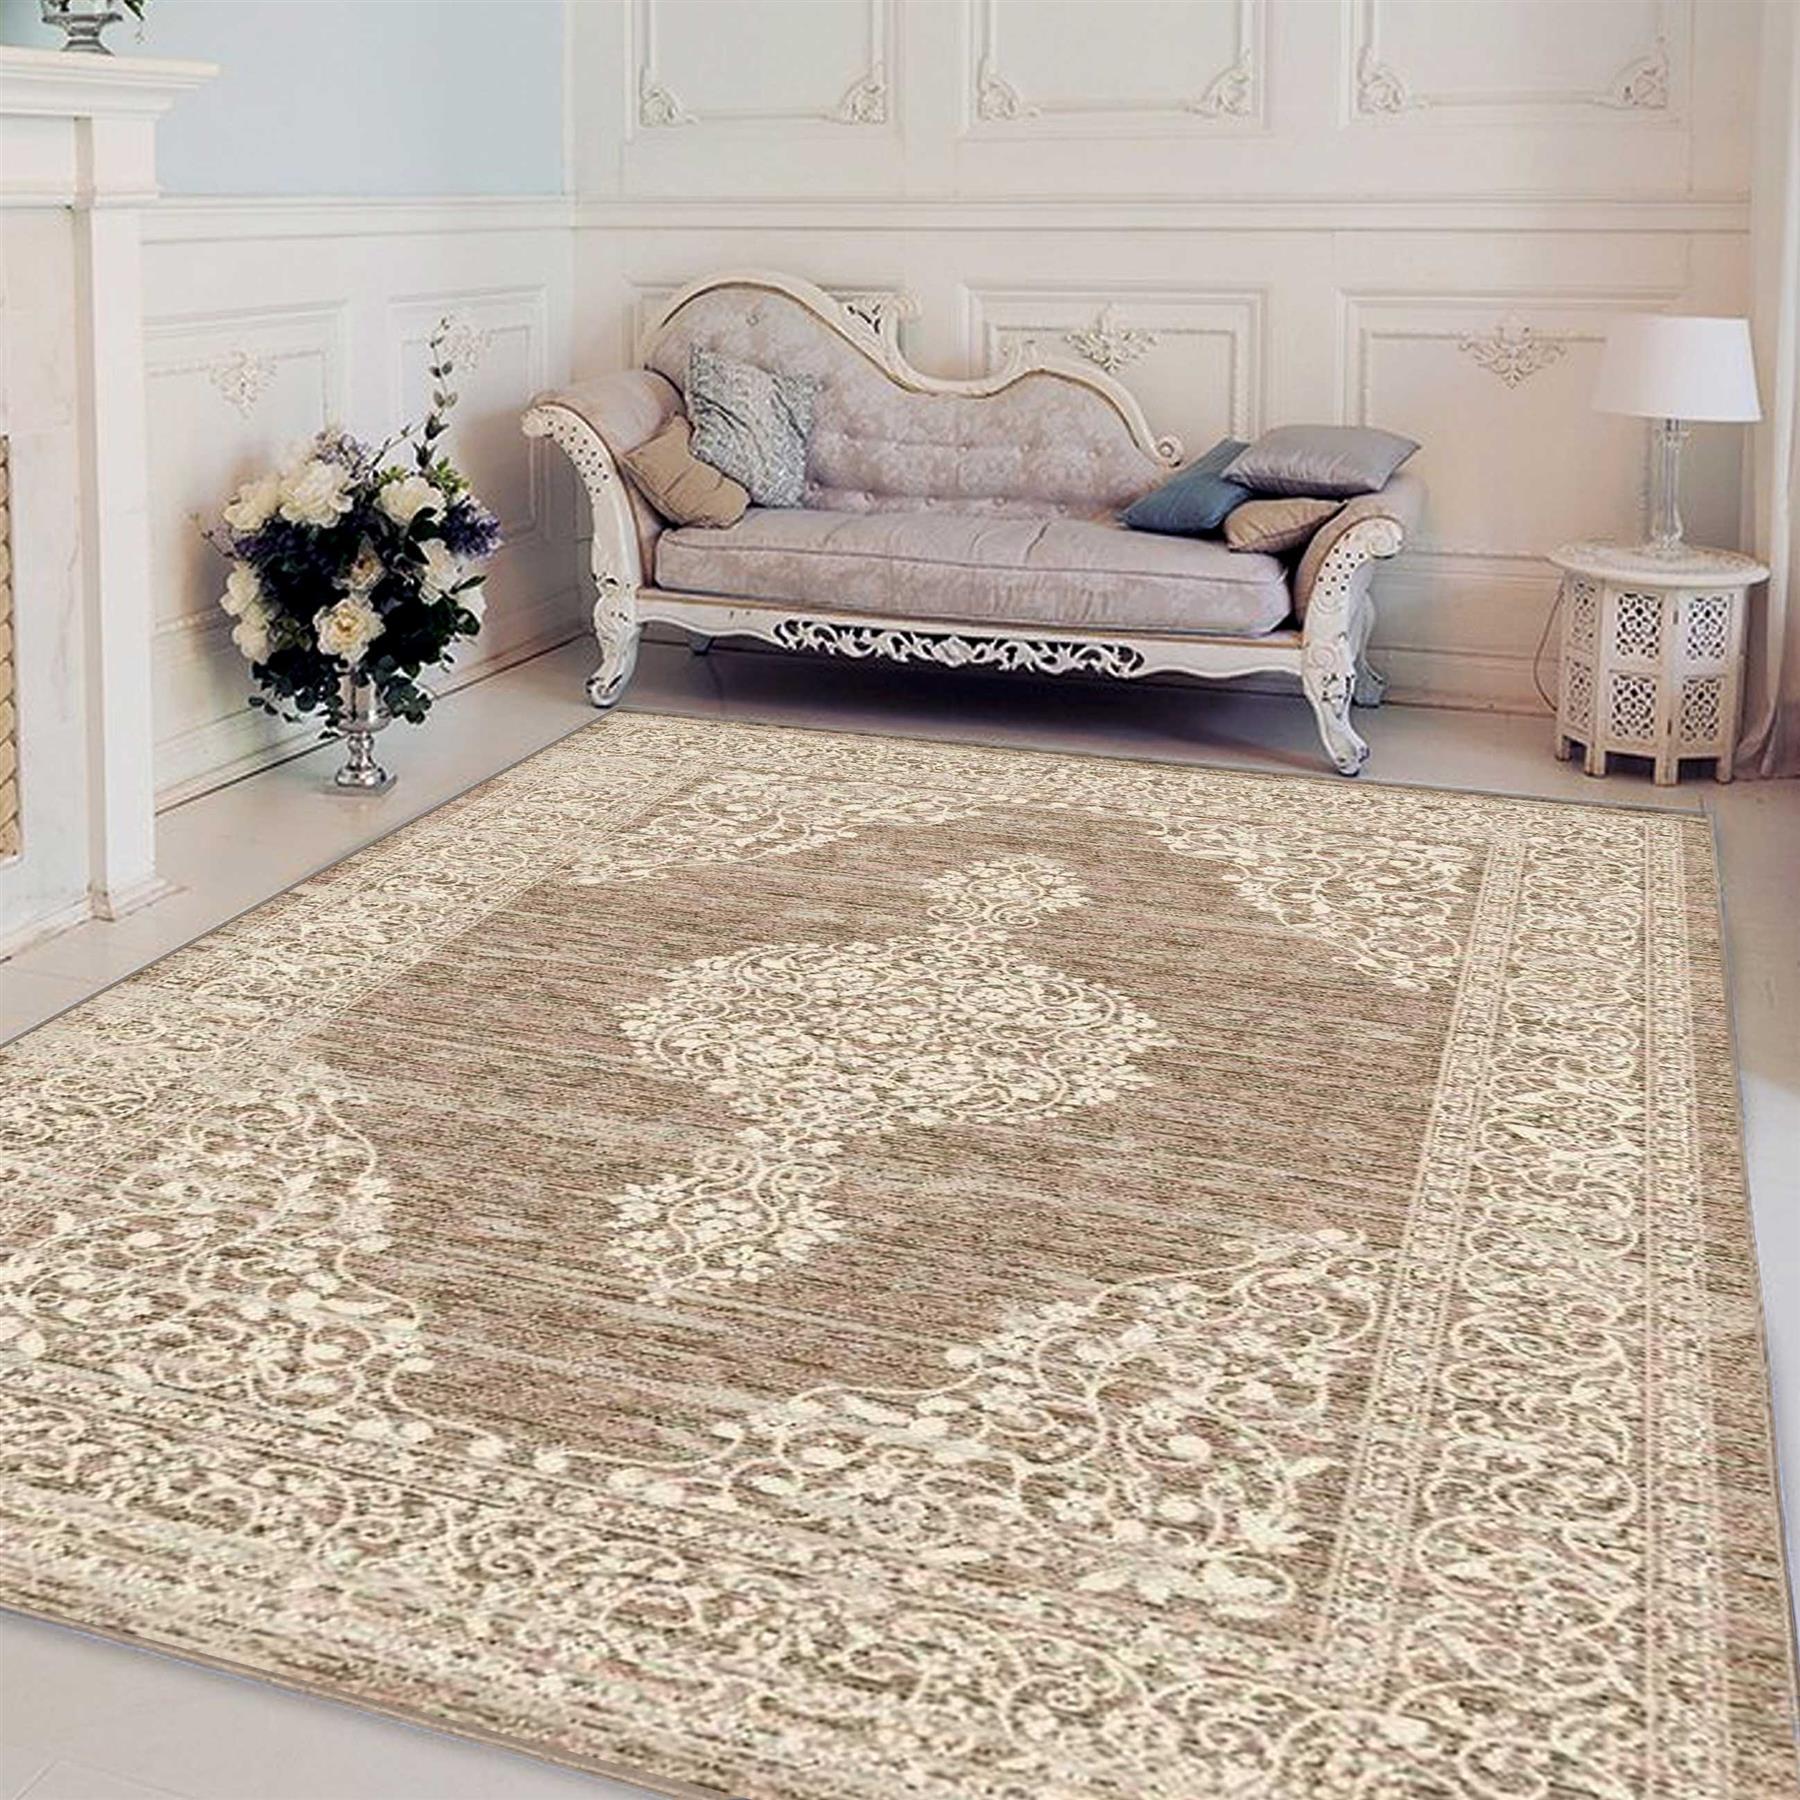 Marrone-Grande-Colore-Naturale-Tradizionale-Orientale-Tappeto-Persiano-Stile-Pavimento-Tappeti miniatura 3